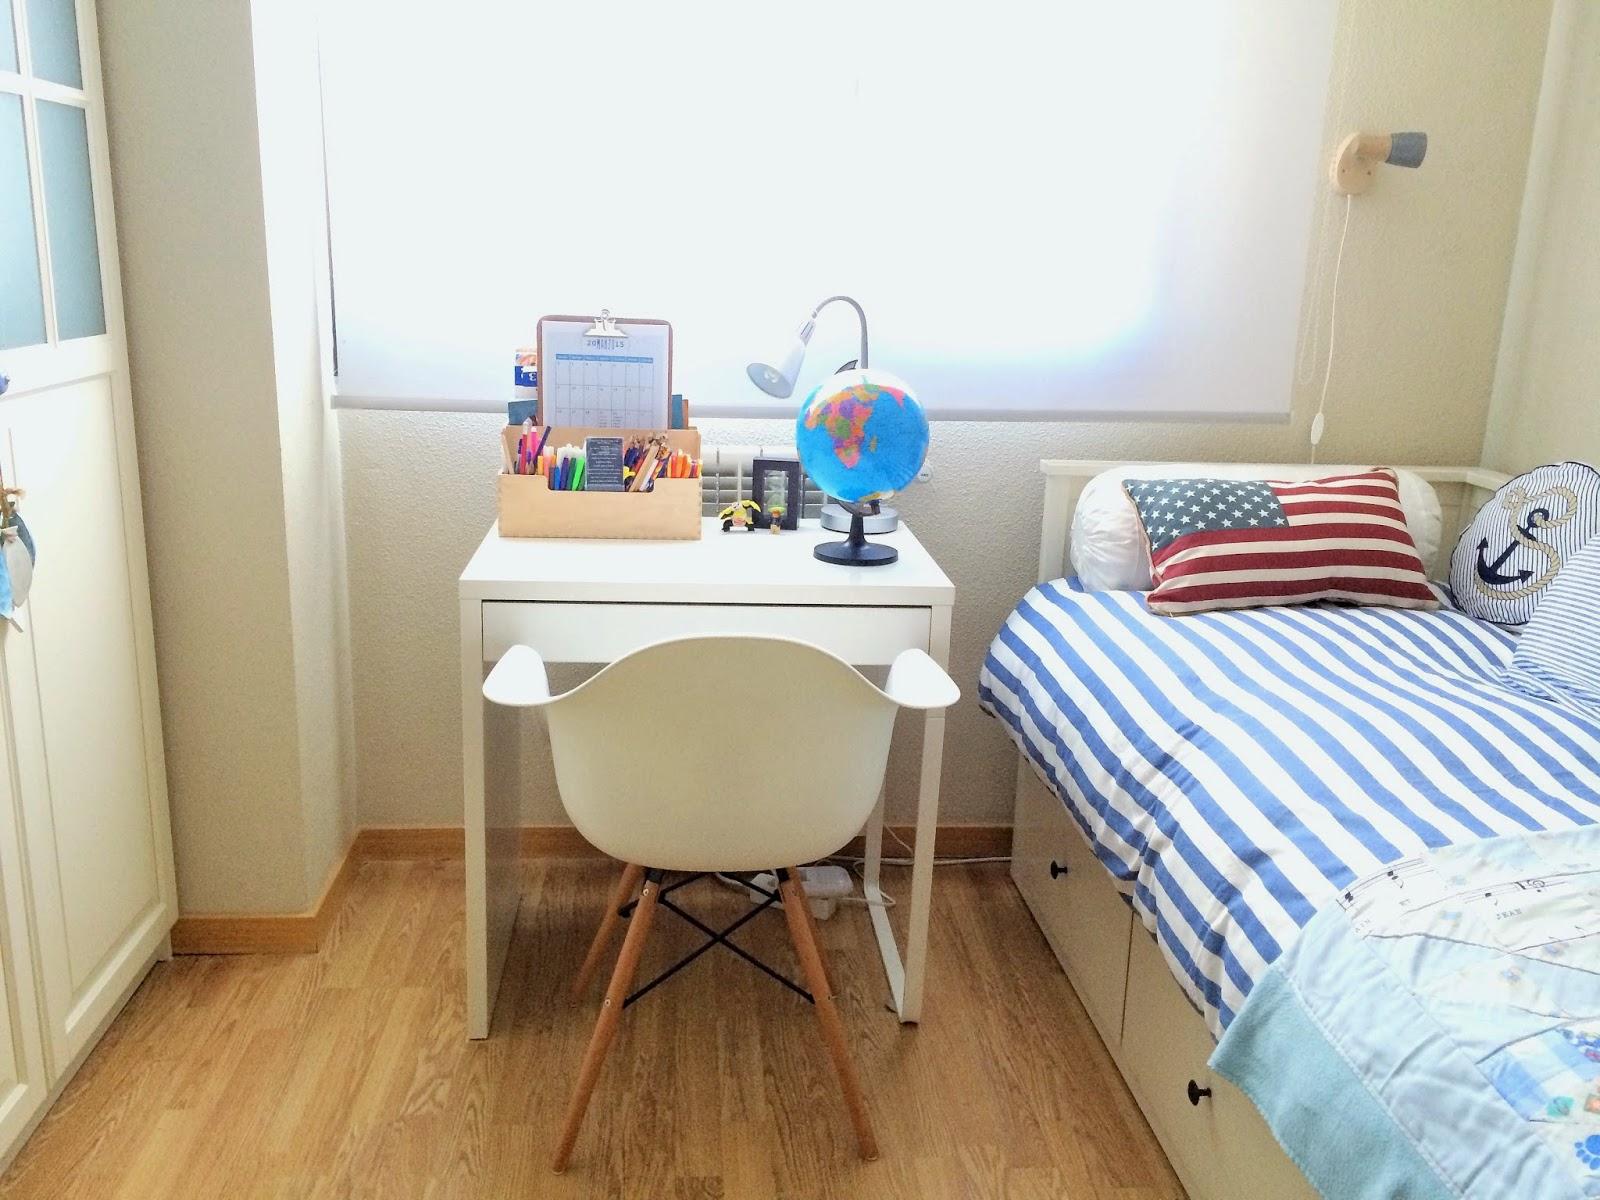 S l o a n e s t r e e t c mo tengo organizado el dormitorio de mi hijo mayor - Mesa para la cama ikea ...